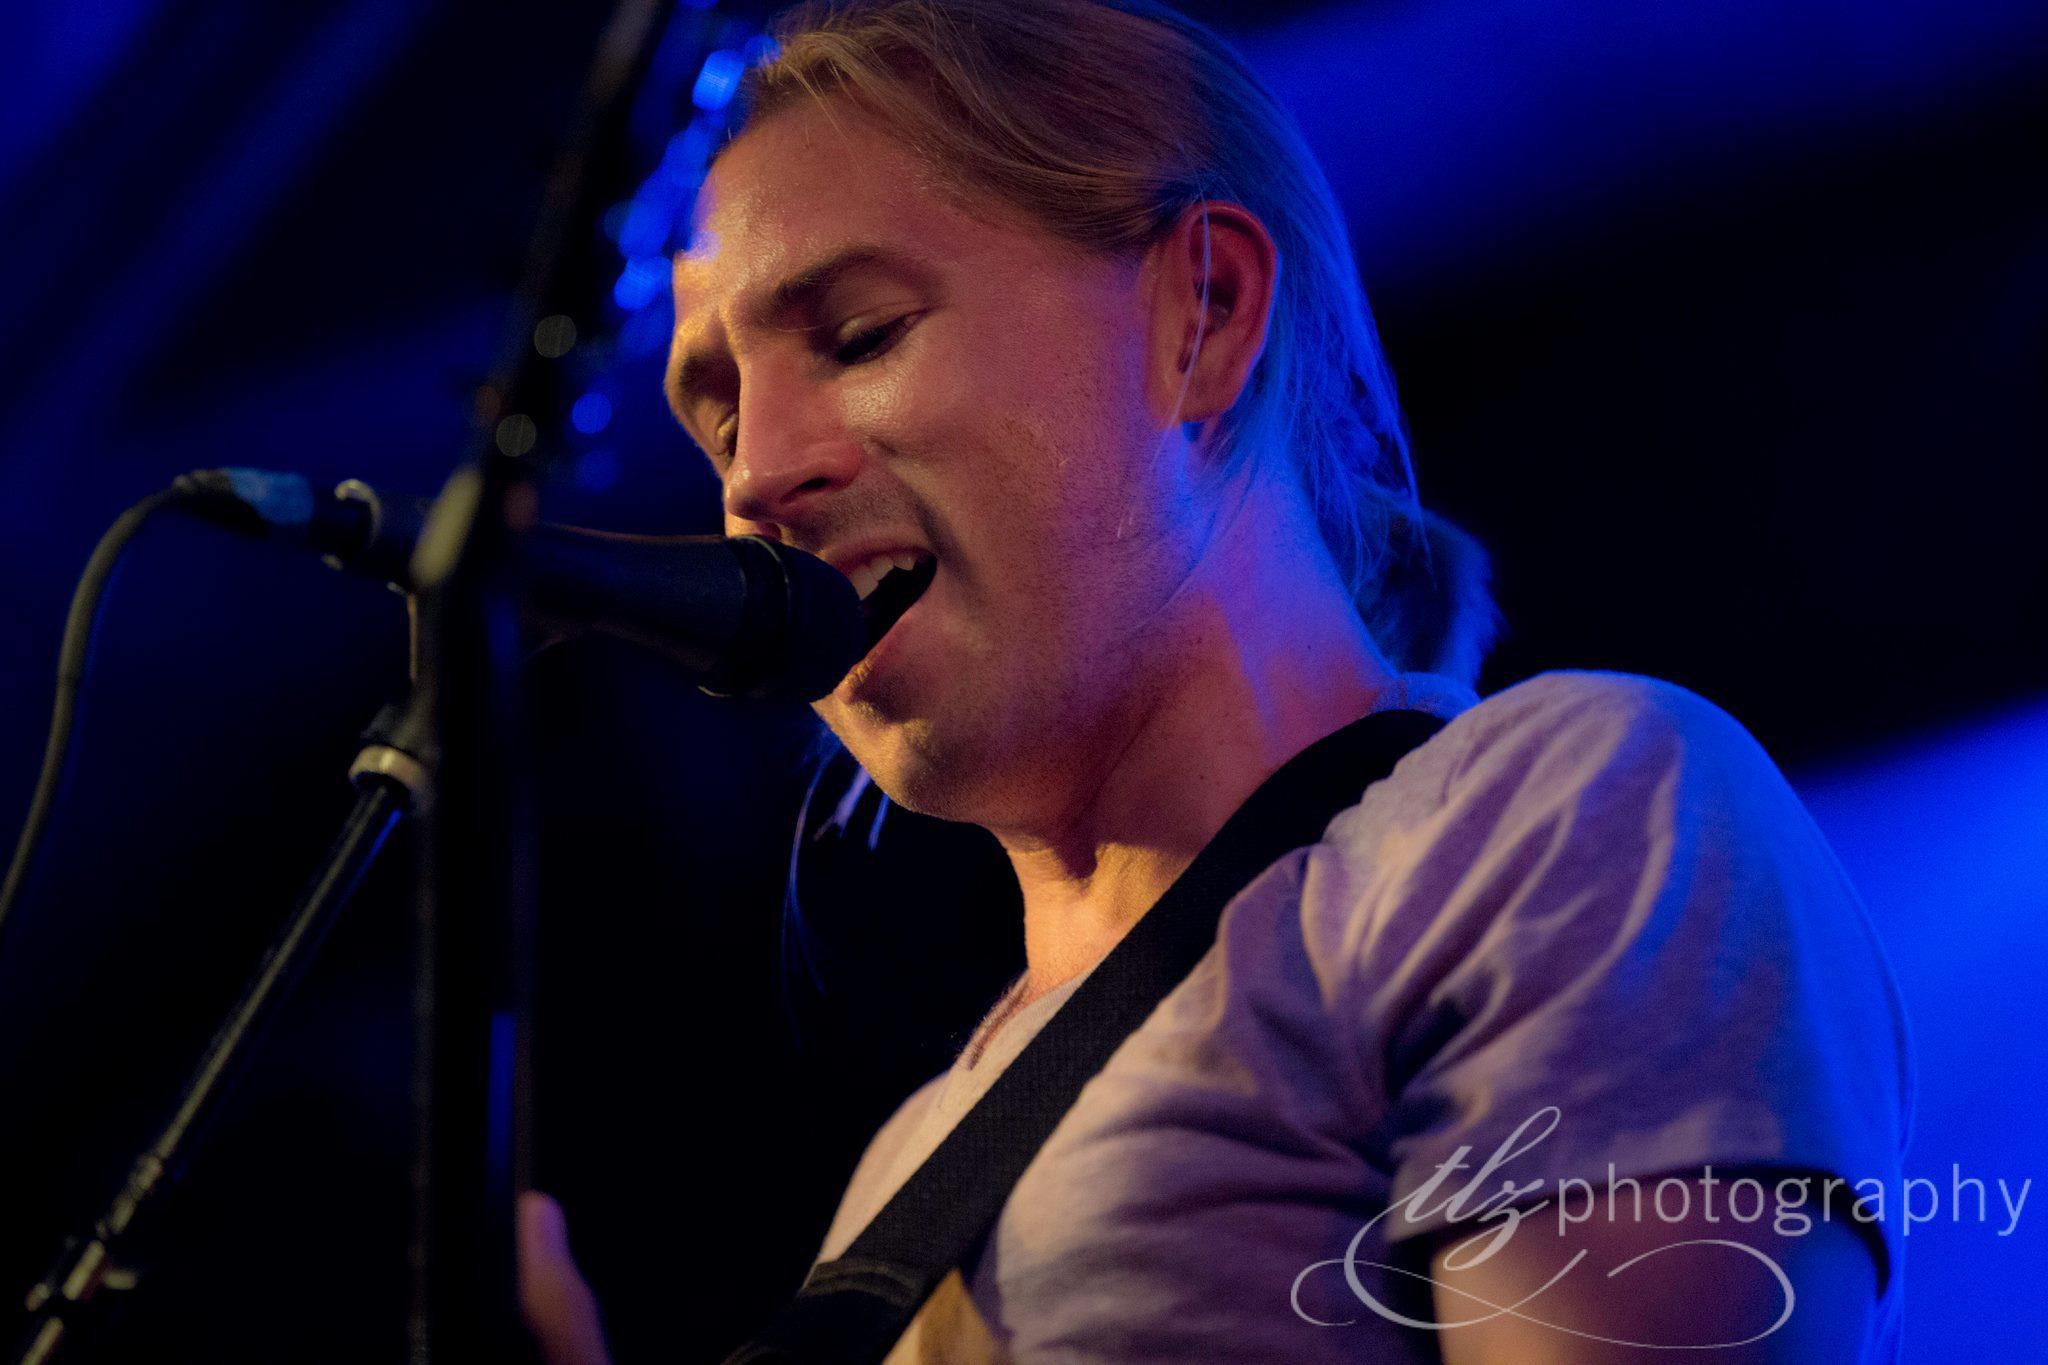 Matt Koelsch & The Allies - http://www.mattkoelschmusic.com